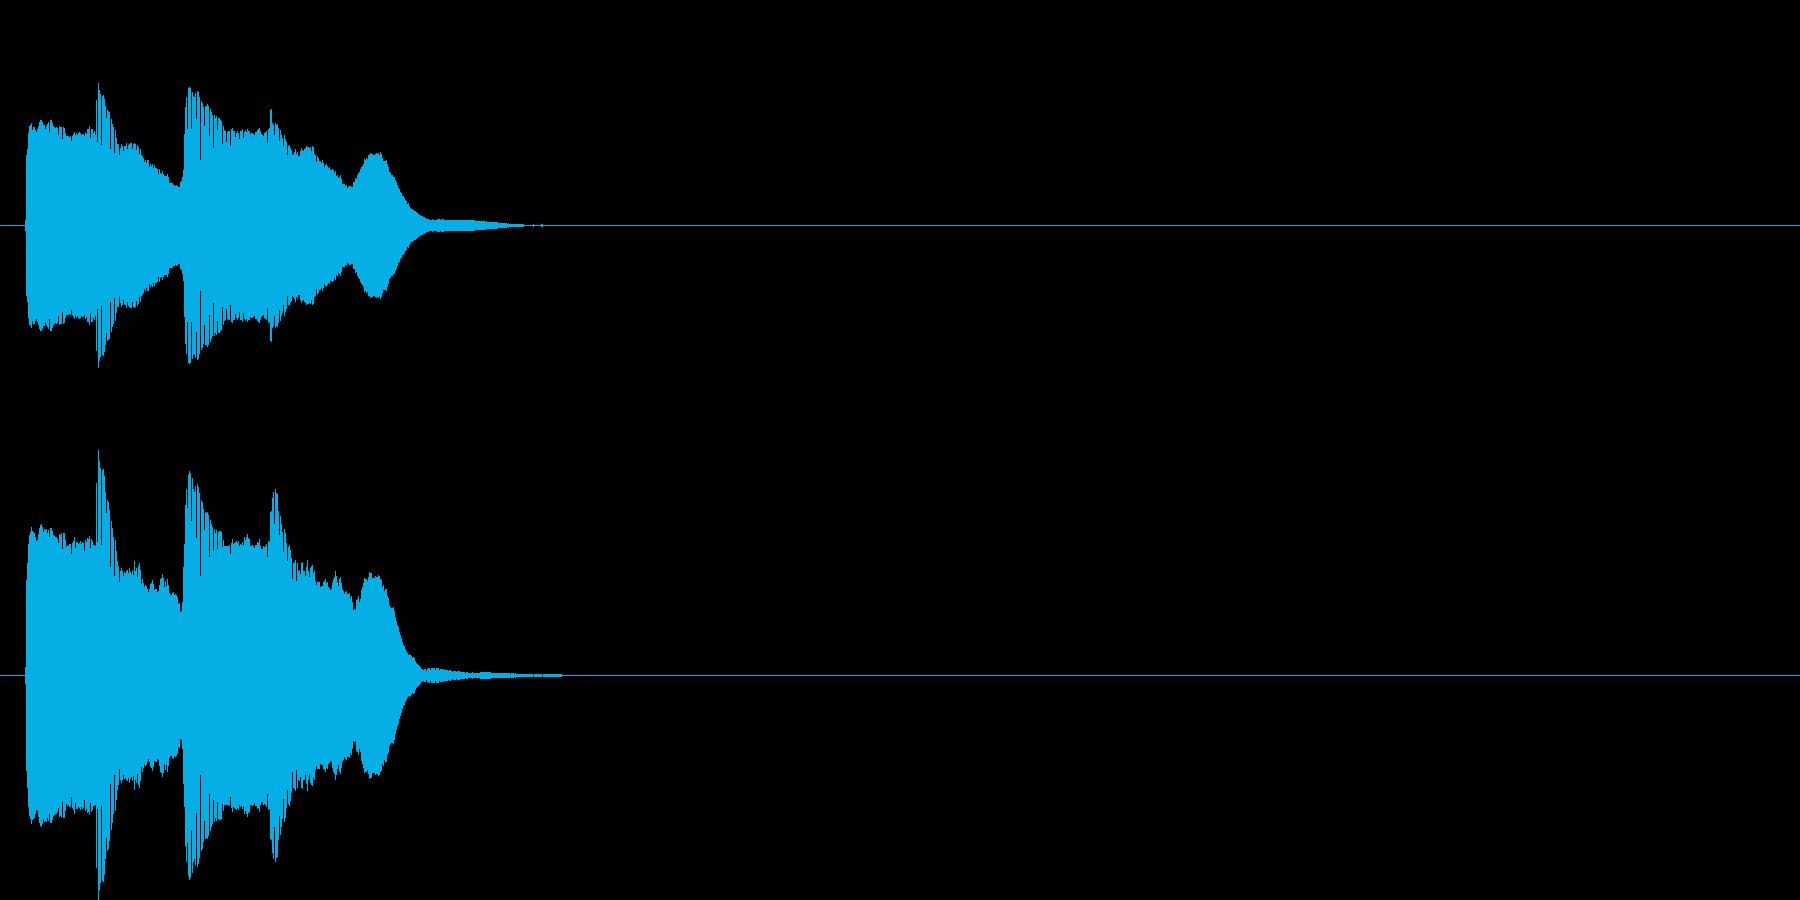 汎用アラート音02(低)の再生済みの波形